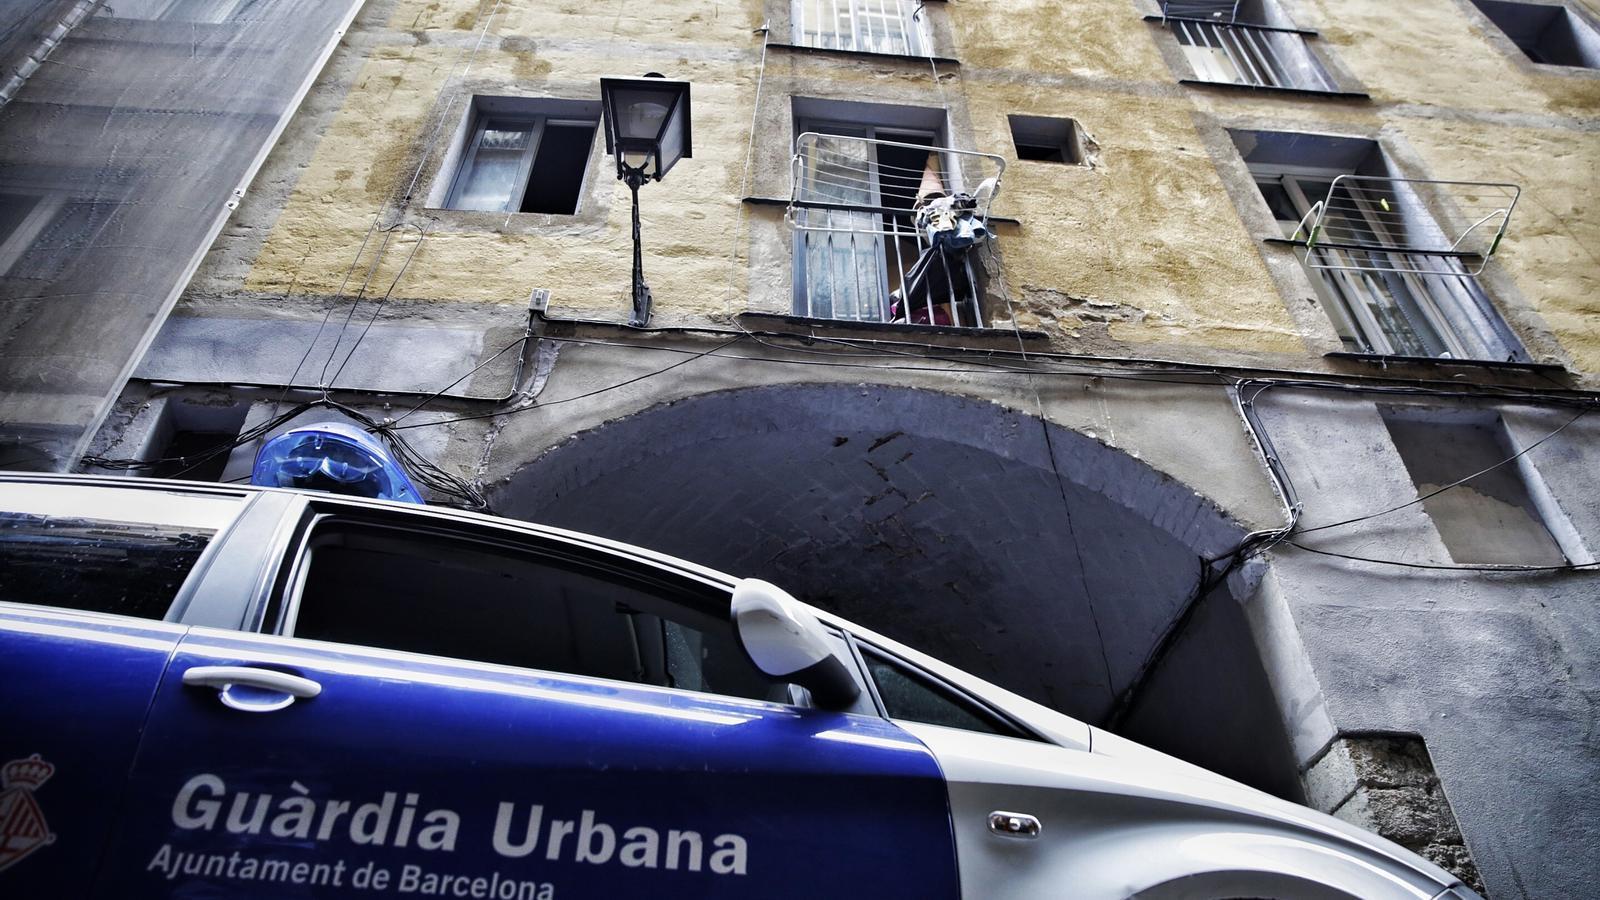 L'Ajuntament de Barcelona avança que hi ha una investigació en curs per un narcopis al Raval de titularitat municipal